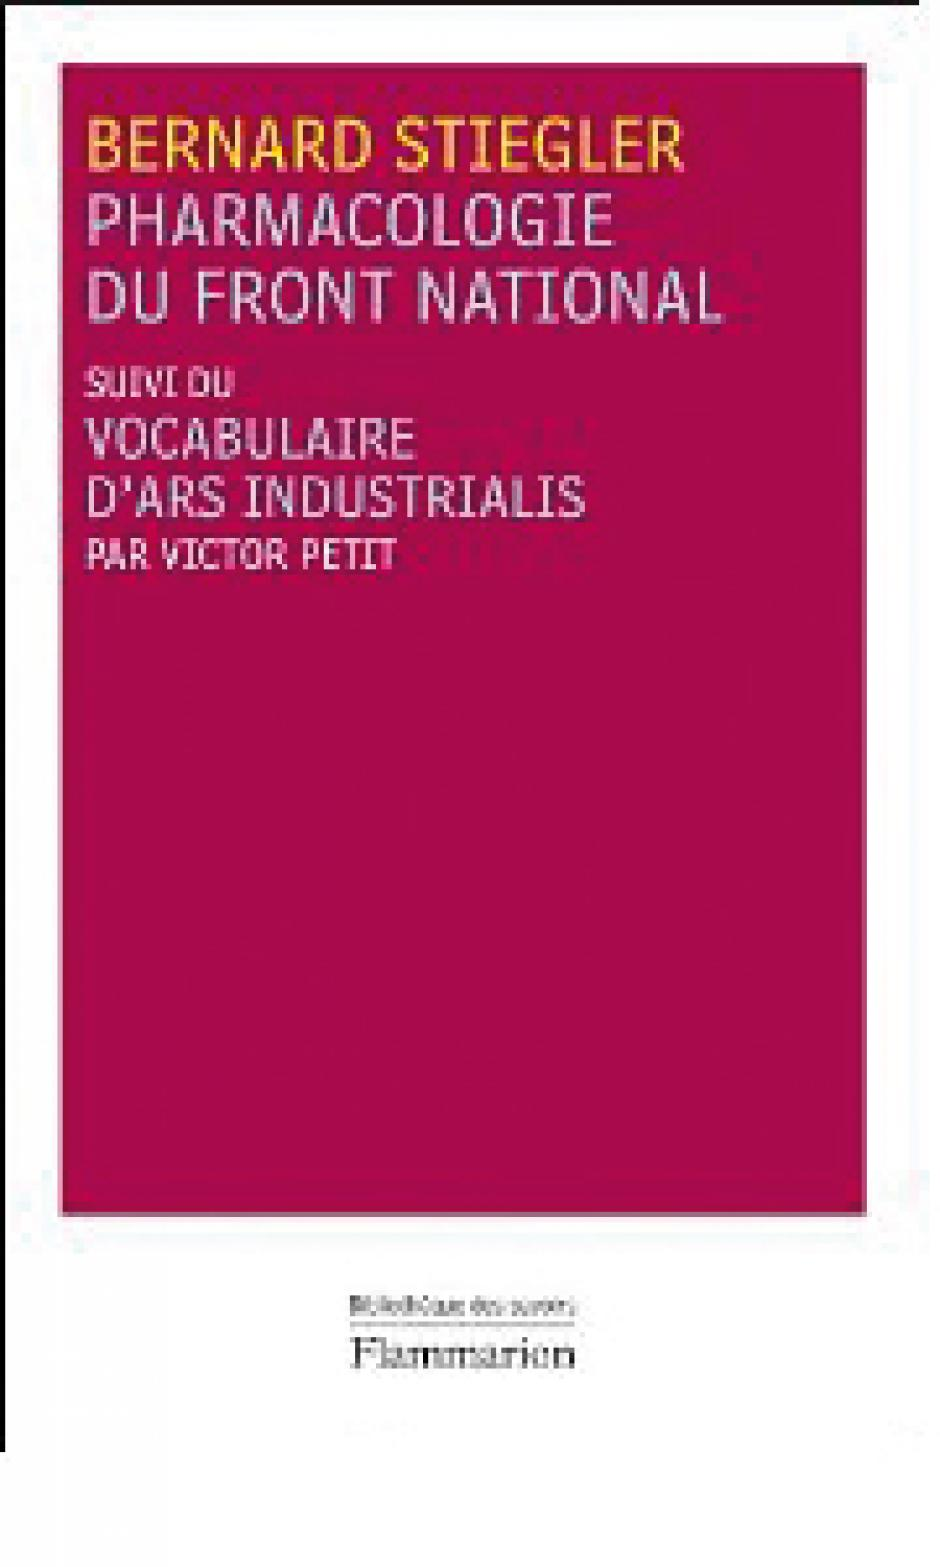 Pharmacologie du Front national, suivi du Vocabulaire d'Ars Industrialis, Bernard Stiegler, Victor Petit